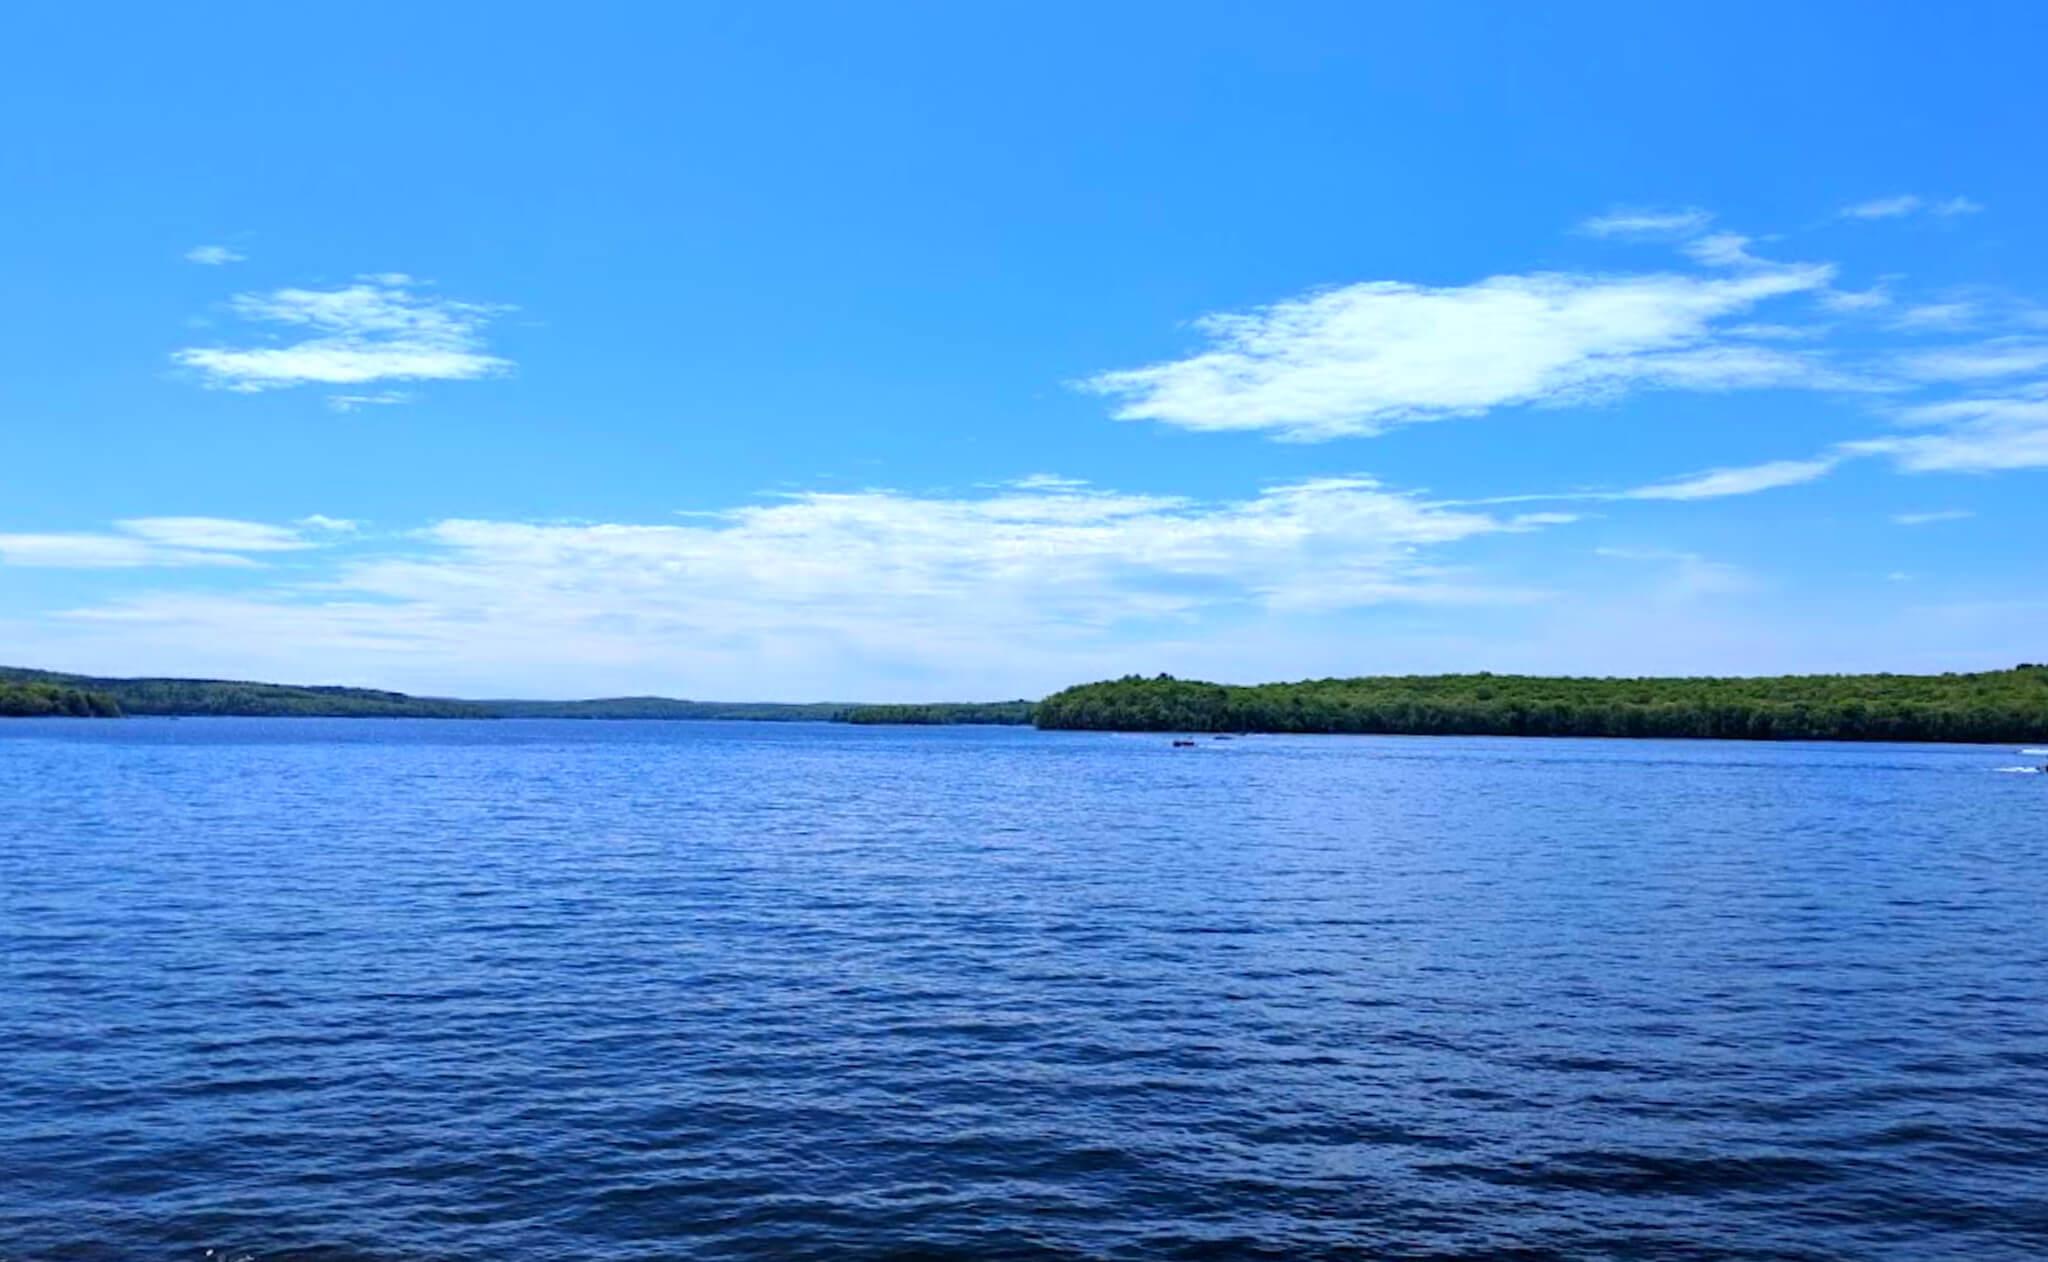 Wallenpaupack-Lake-Fishing-Report-Guide-Pennsylvania-PA-03